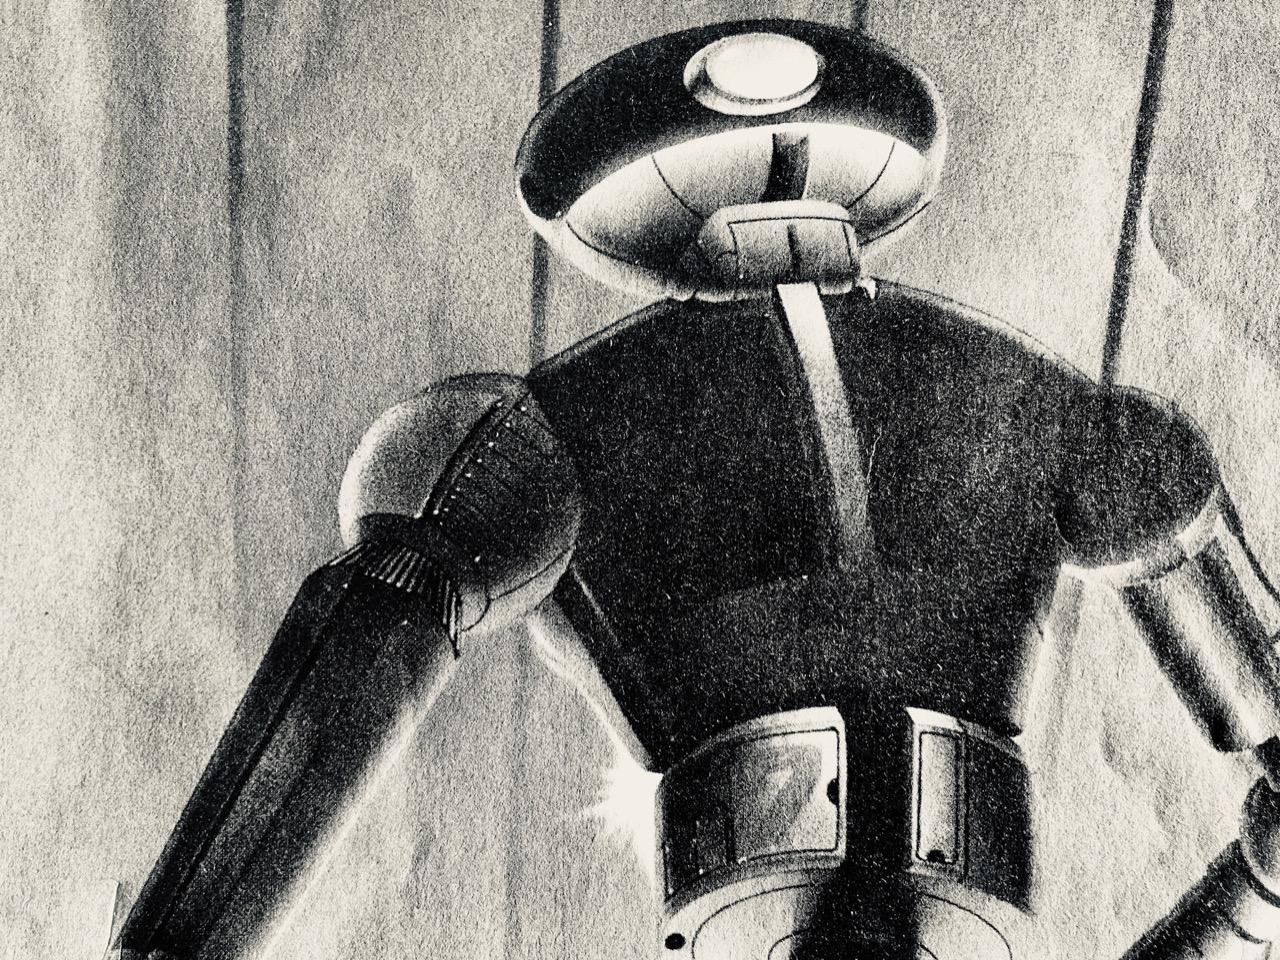 Computerwissen - 2019 ist das neue 1983 (Bild: André Eymann)